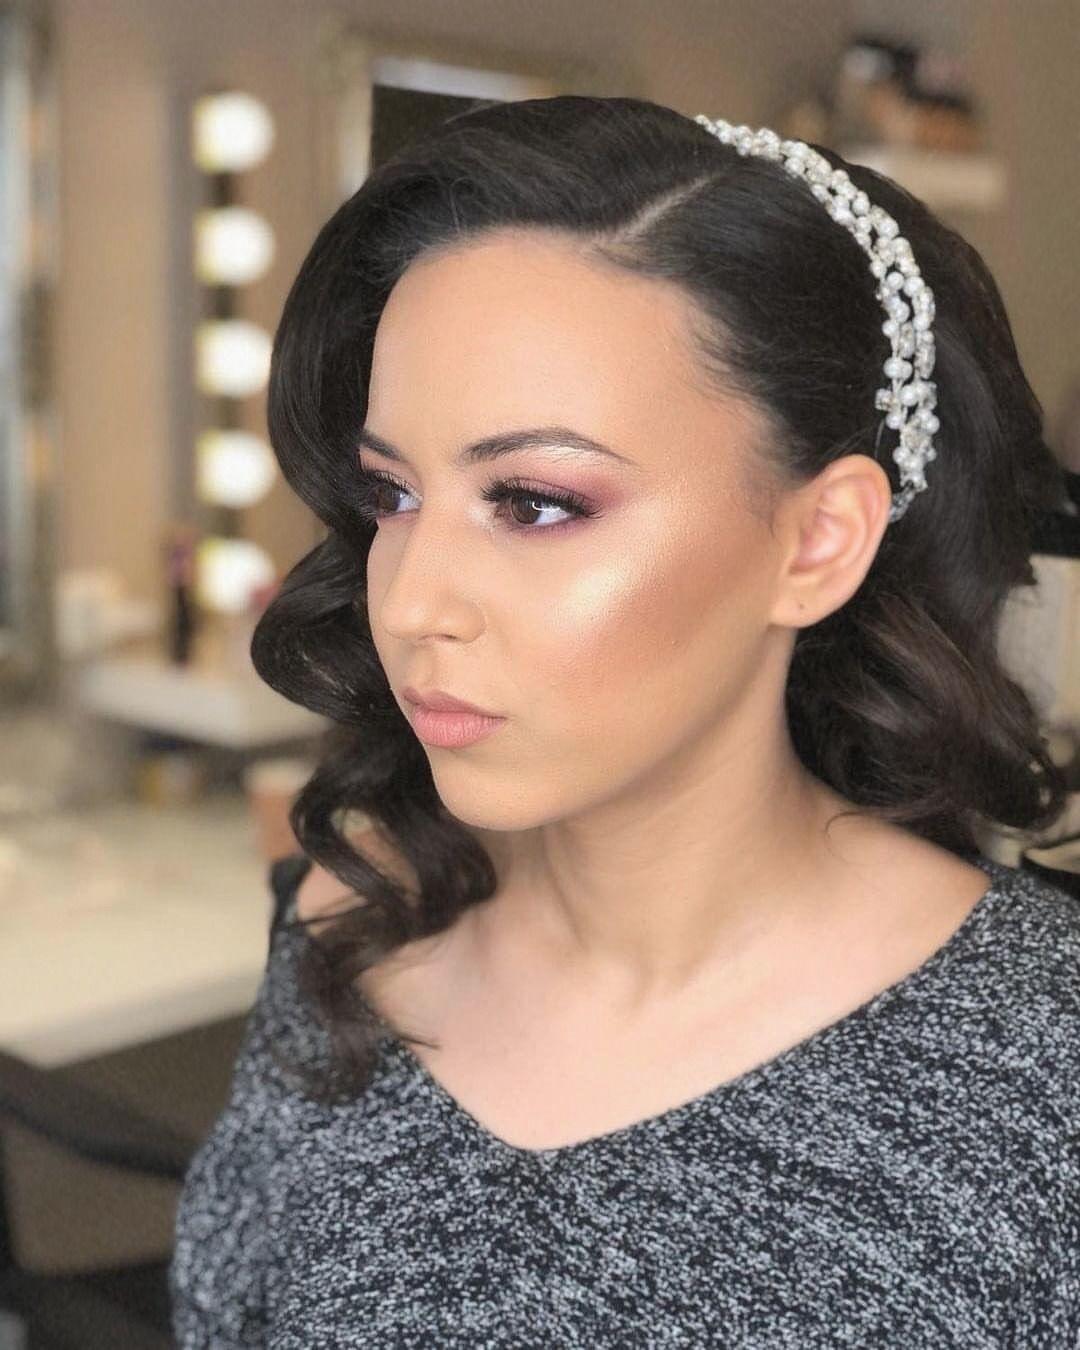 Anzeige Werbung Anzeige Werbung Bride Makeup Hair Makeupartist Bridesmaids White Dress Flowers Love Happy Fun Beauty Beaut Beautiful Hair Beauty Beautiful